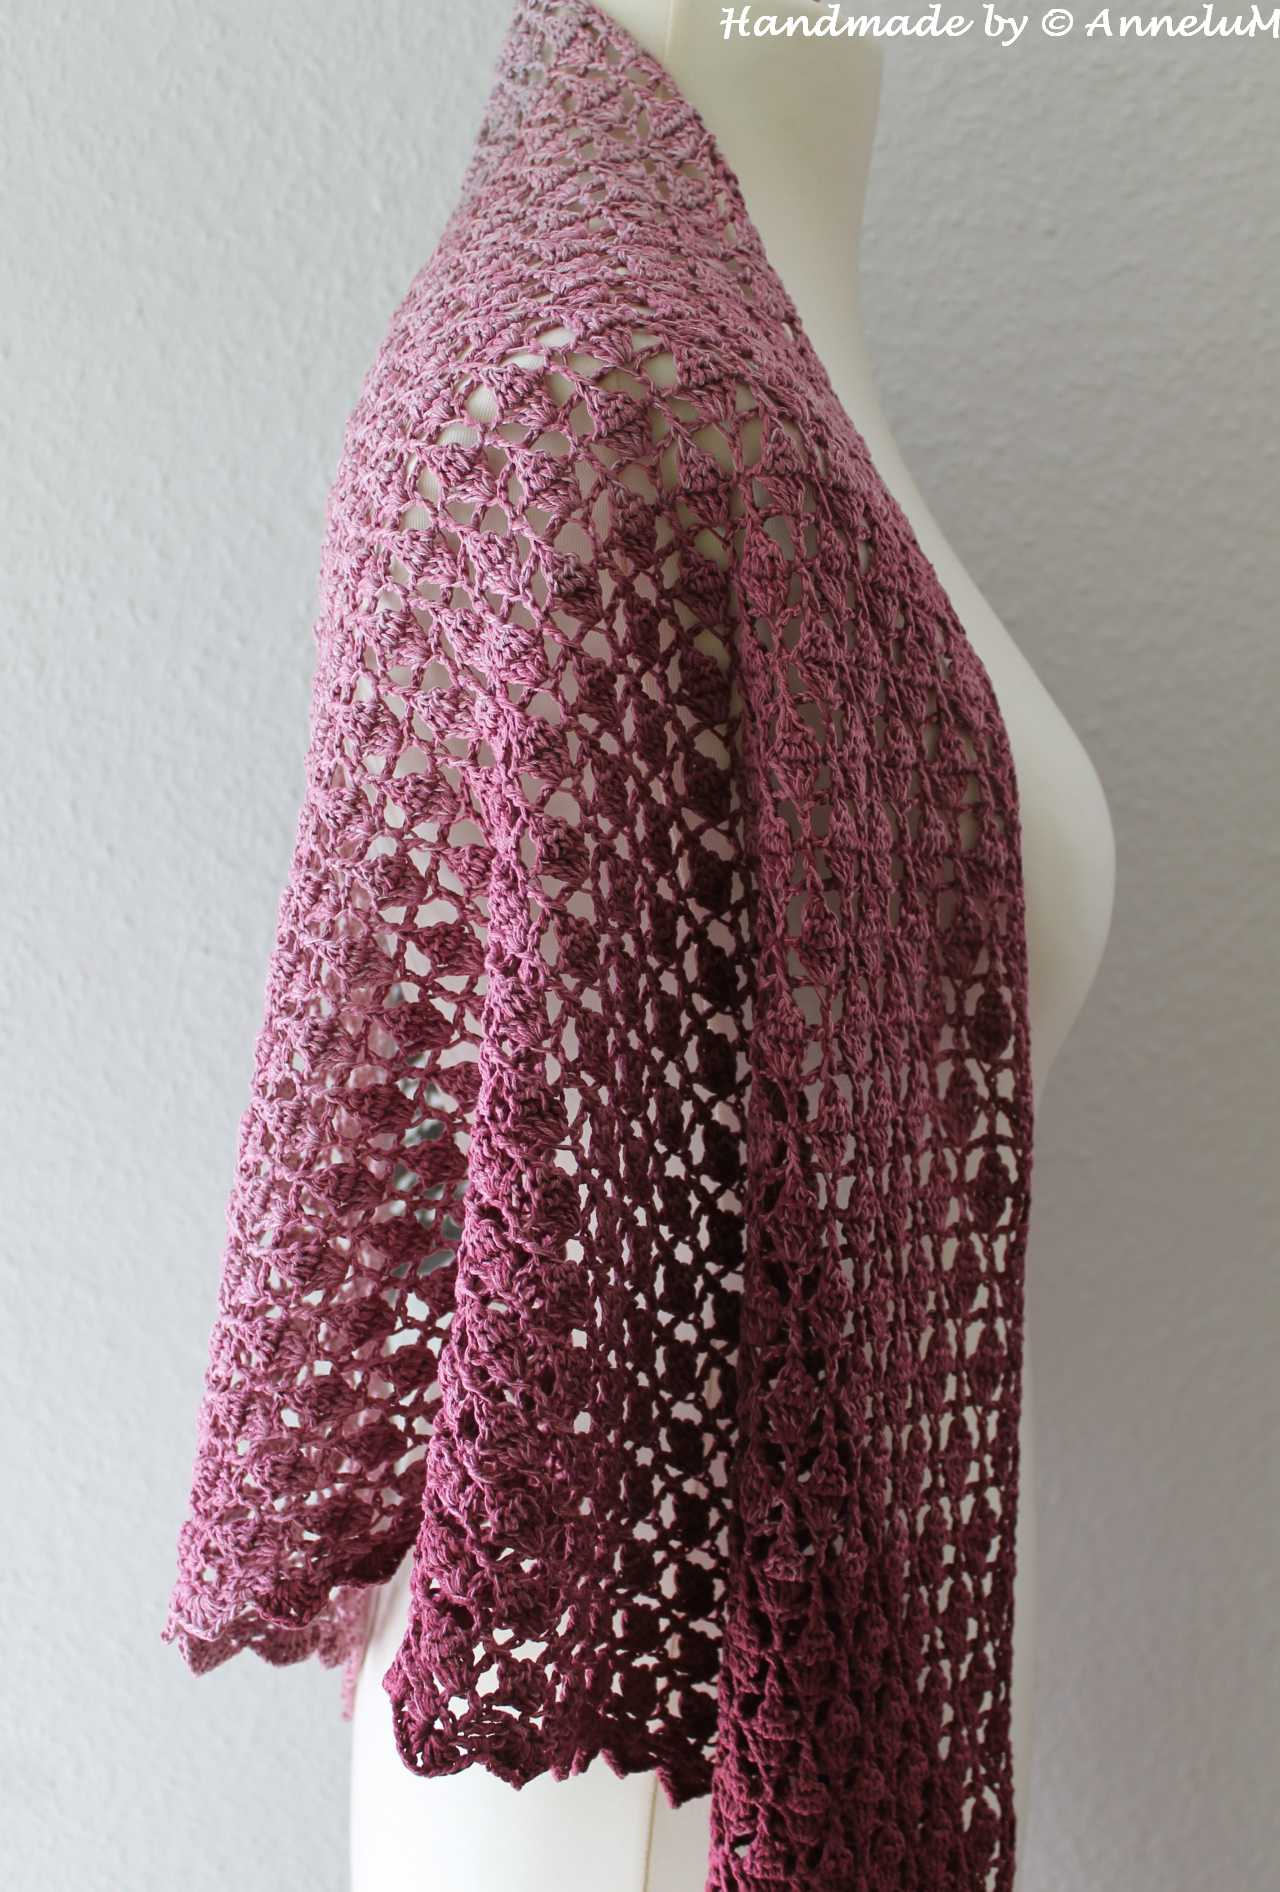 Dragon Scale Tuch in grau-lila das Muster wie eine Drachenhaut.